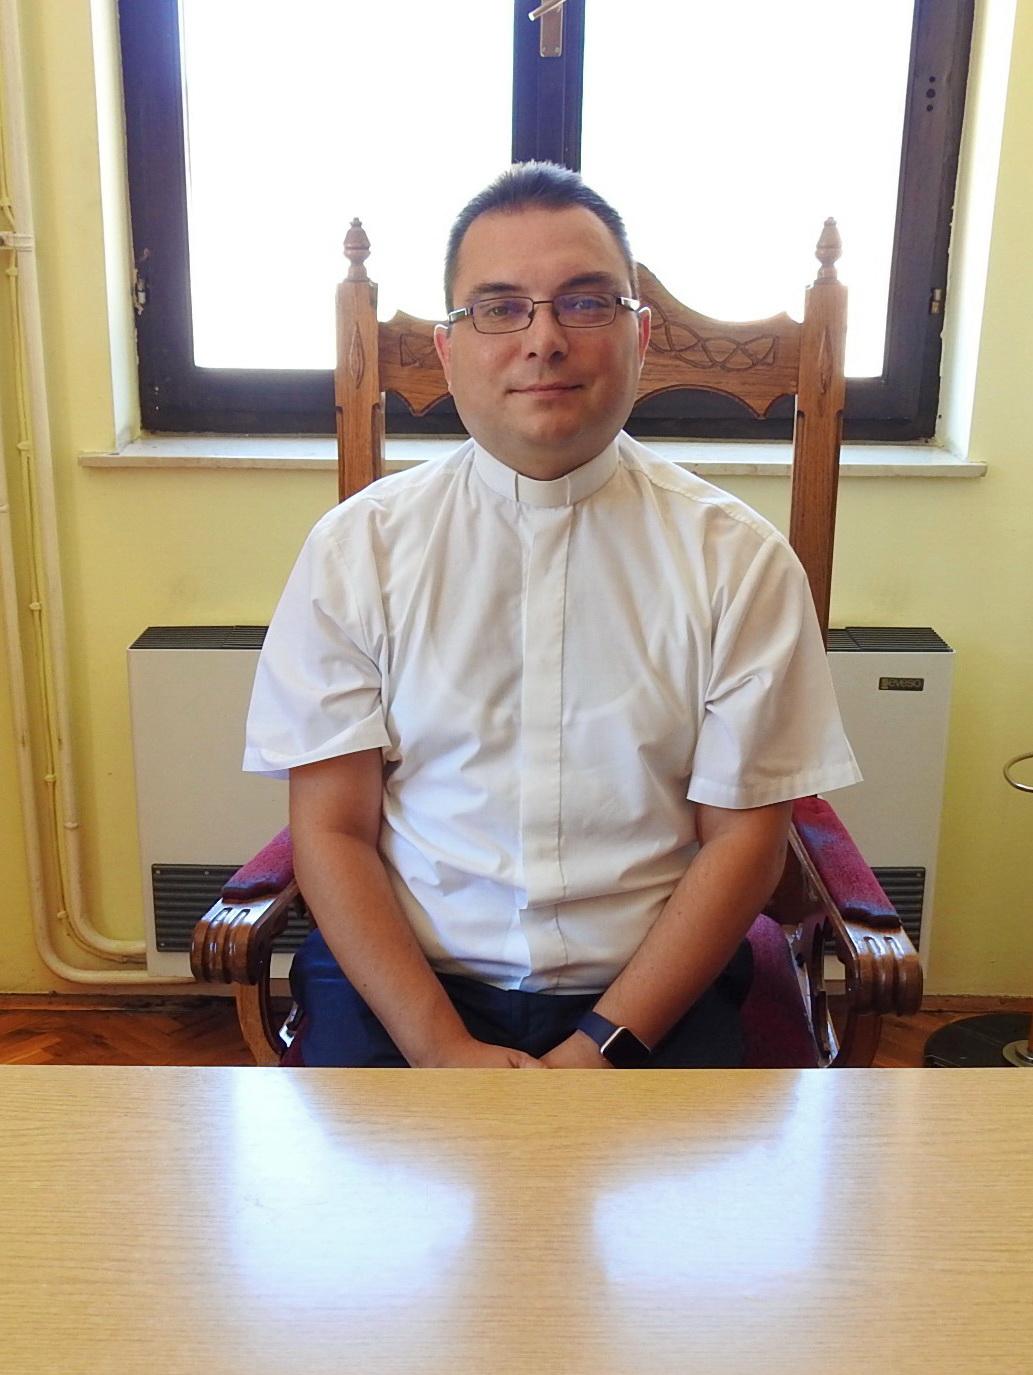 župnik Nikola Legac